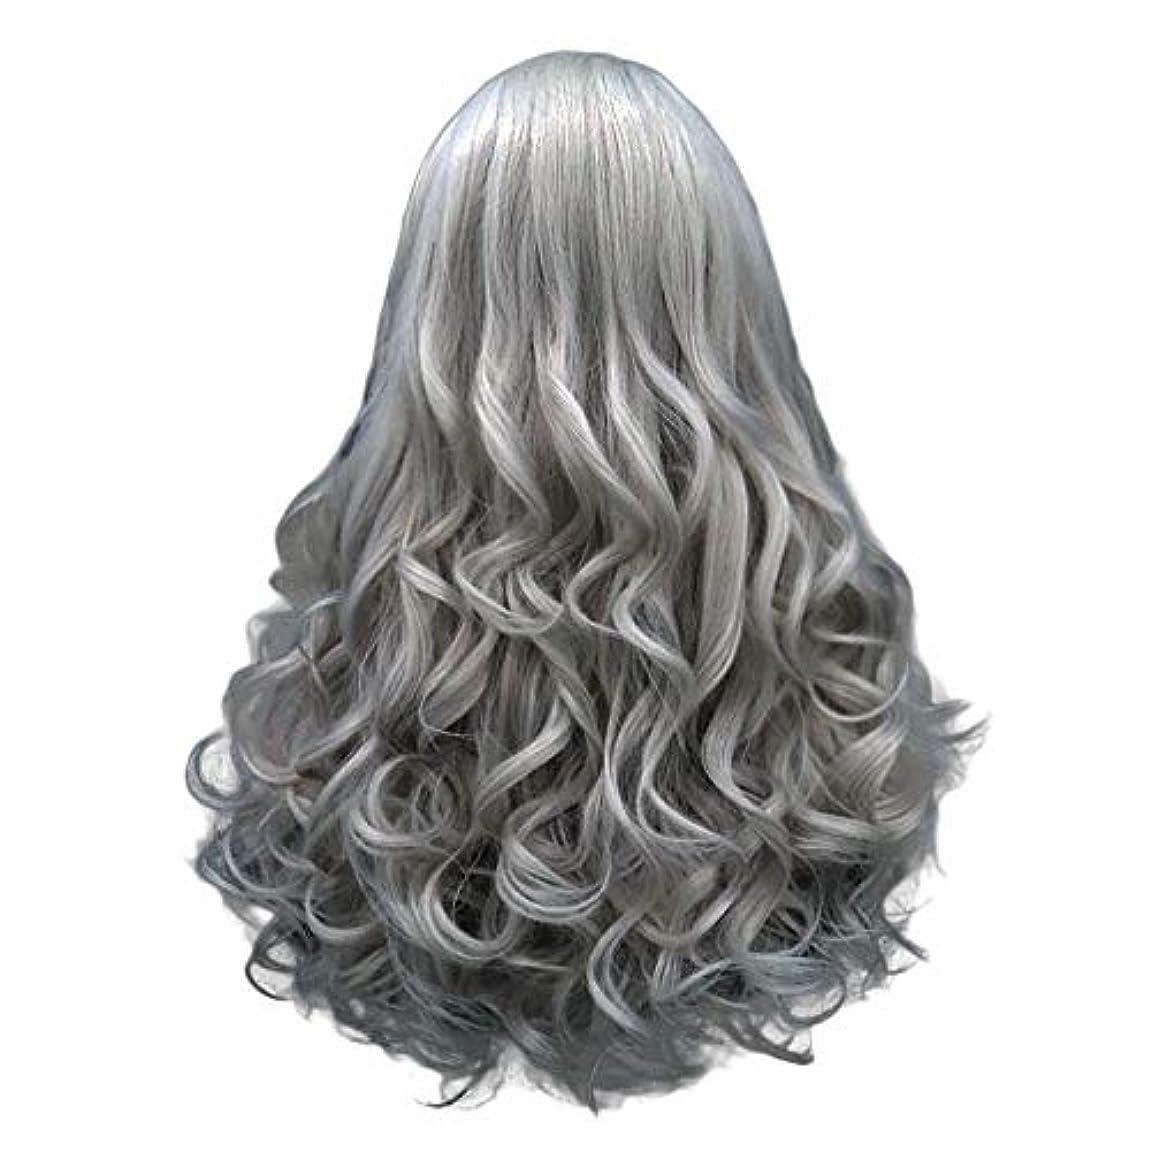 提出する絡み合い悩む長い巻き毛の混合カラーセクシーなグラデーショングレーパーティーウィッグ